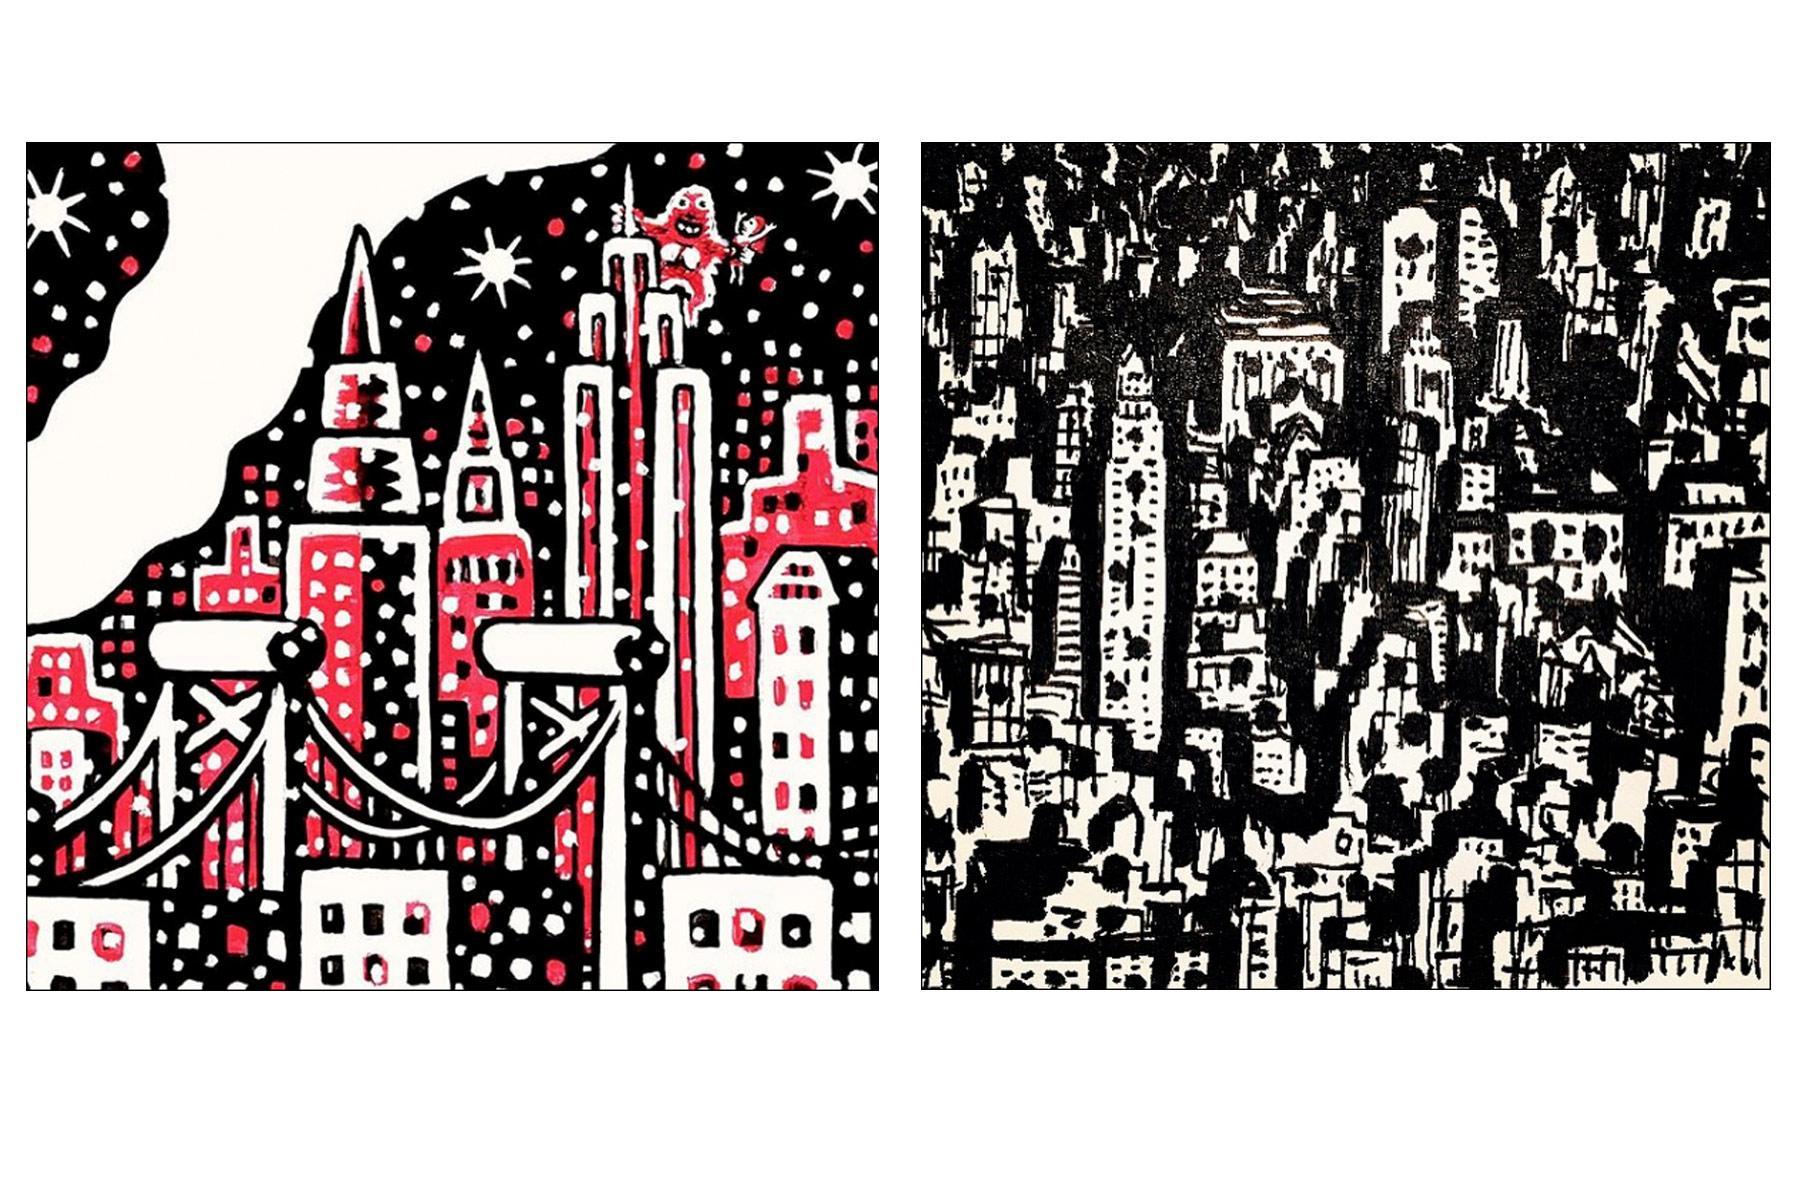 Cityscapes by artist Avi Spivak. Ponyboy magazine.